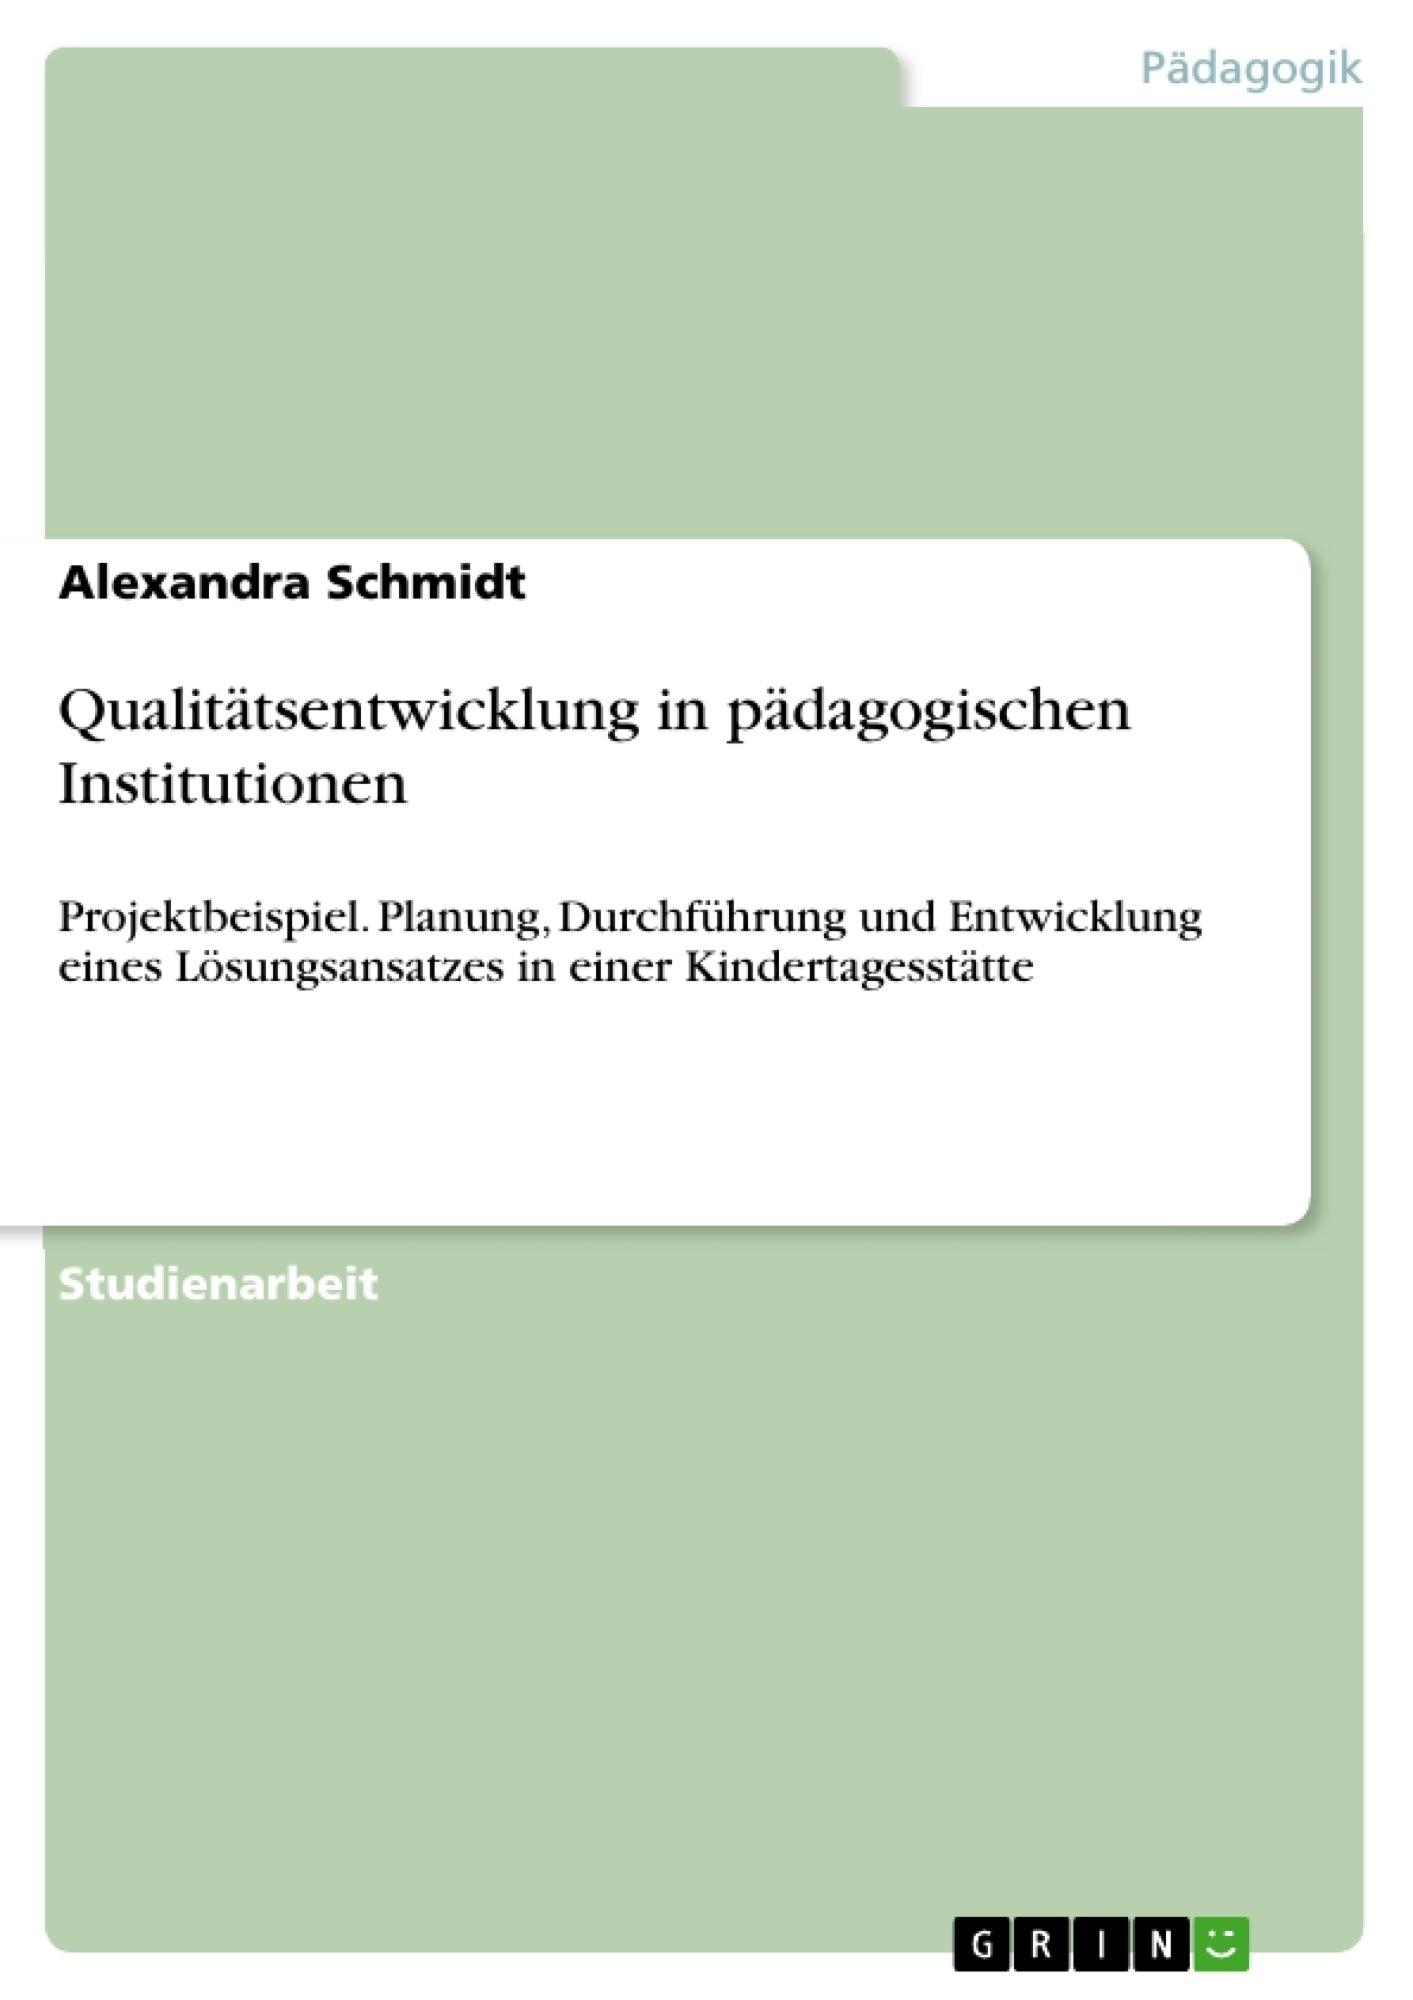 Titel: Qualitätsentwicklung in pädagogischen Institutionen